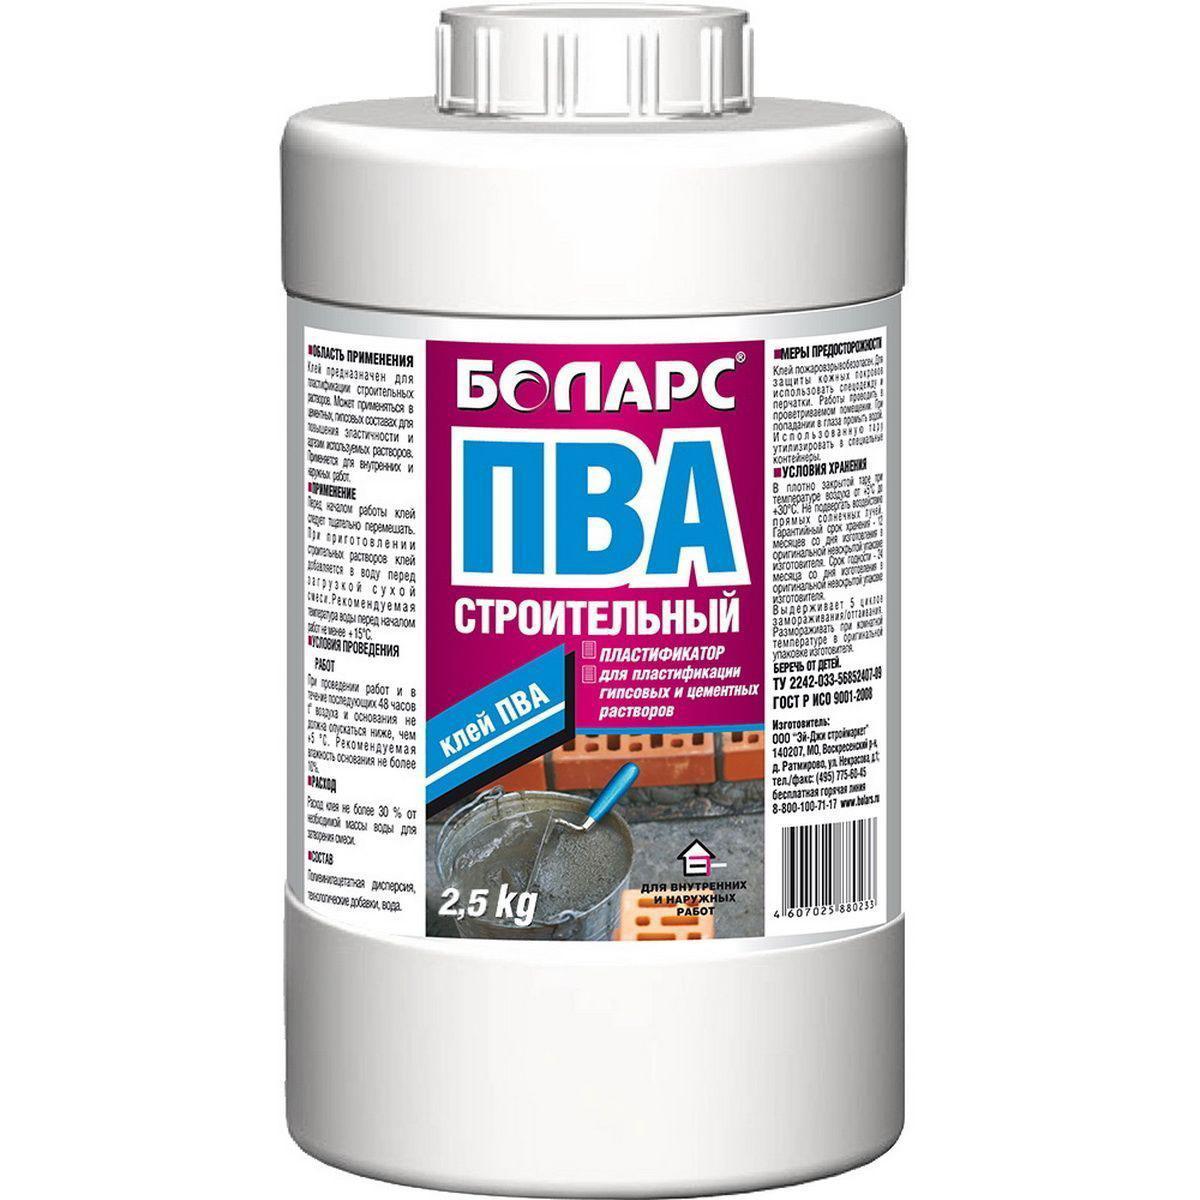 Клей ПВА Боларс, пластификатор, 2,5 кг00000000436Клей ПВА Боларс предназначен для пластификации строительных растворов. Может применяться в цементных, гипсовых составах для повышения эластичности и адгезии используемых растворов. Подходит для внутренних и наружных работ. Состав: поливинилацетатная дисперсия, технологические добавки, вода.Цвет: белый.pH: 5,5-7,0.Расход: 200-300 г/л.Морозостойкость: 5 циклов.Температура проведения работ: +5°С +30°С.Температура эксплуатации: +5°С +40°С.Размораживать продукт следует при комнатной температуре в оригинальной таре изготовителя. Гарантийный срок хранения – 12 месяцев со дня изготовления, в оригинальной невскрытой упаковке изготовителя.Срок годности – 24 месяца со дня изготовления, в оригинальной невскрытой упаковке изготовителя.